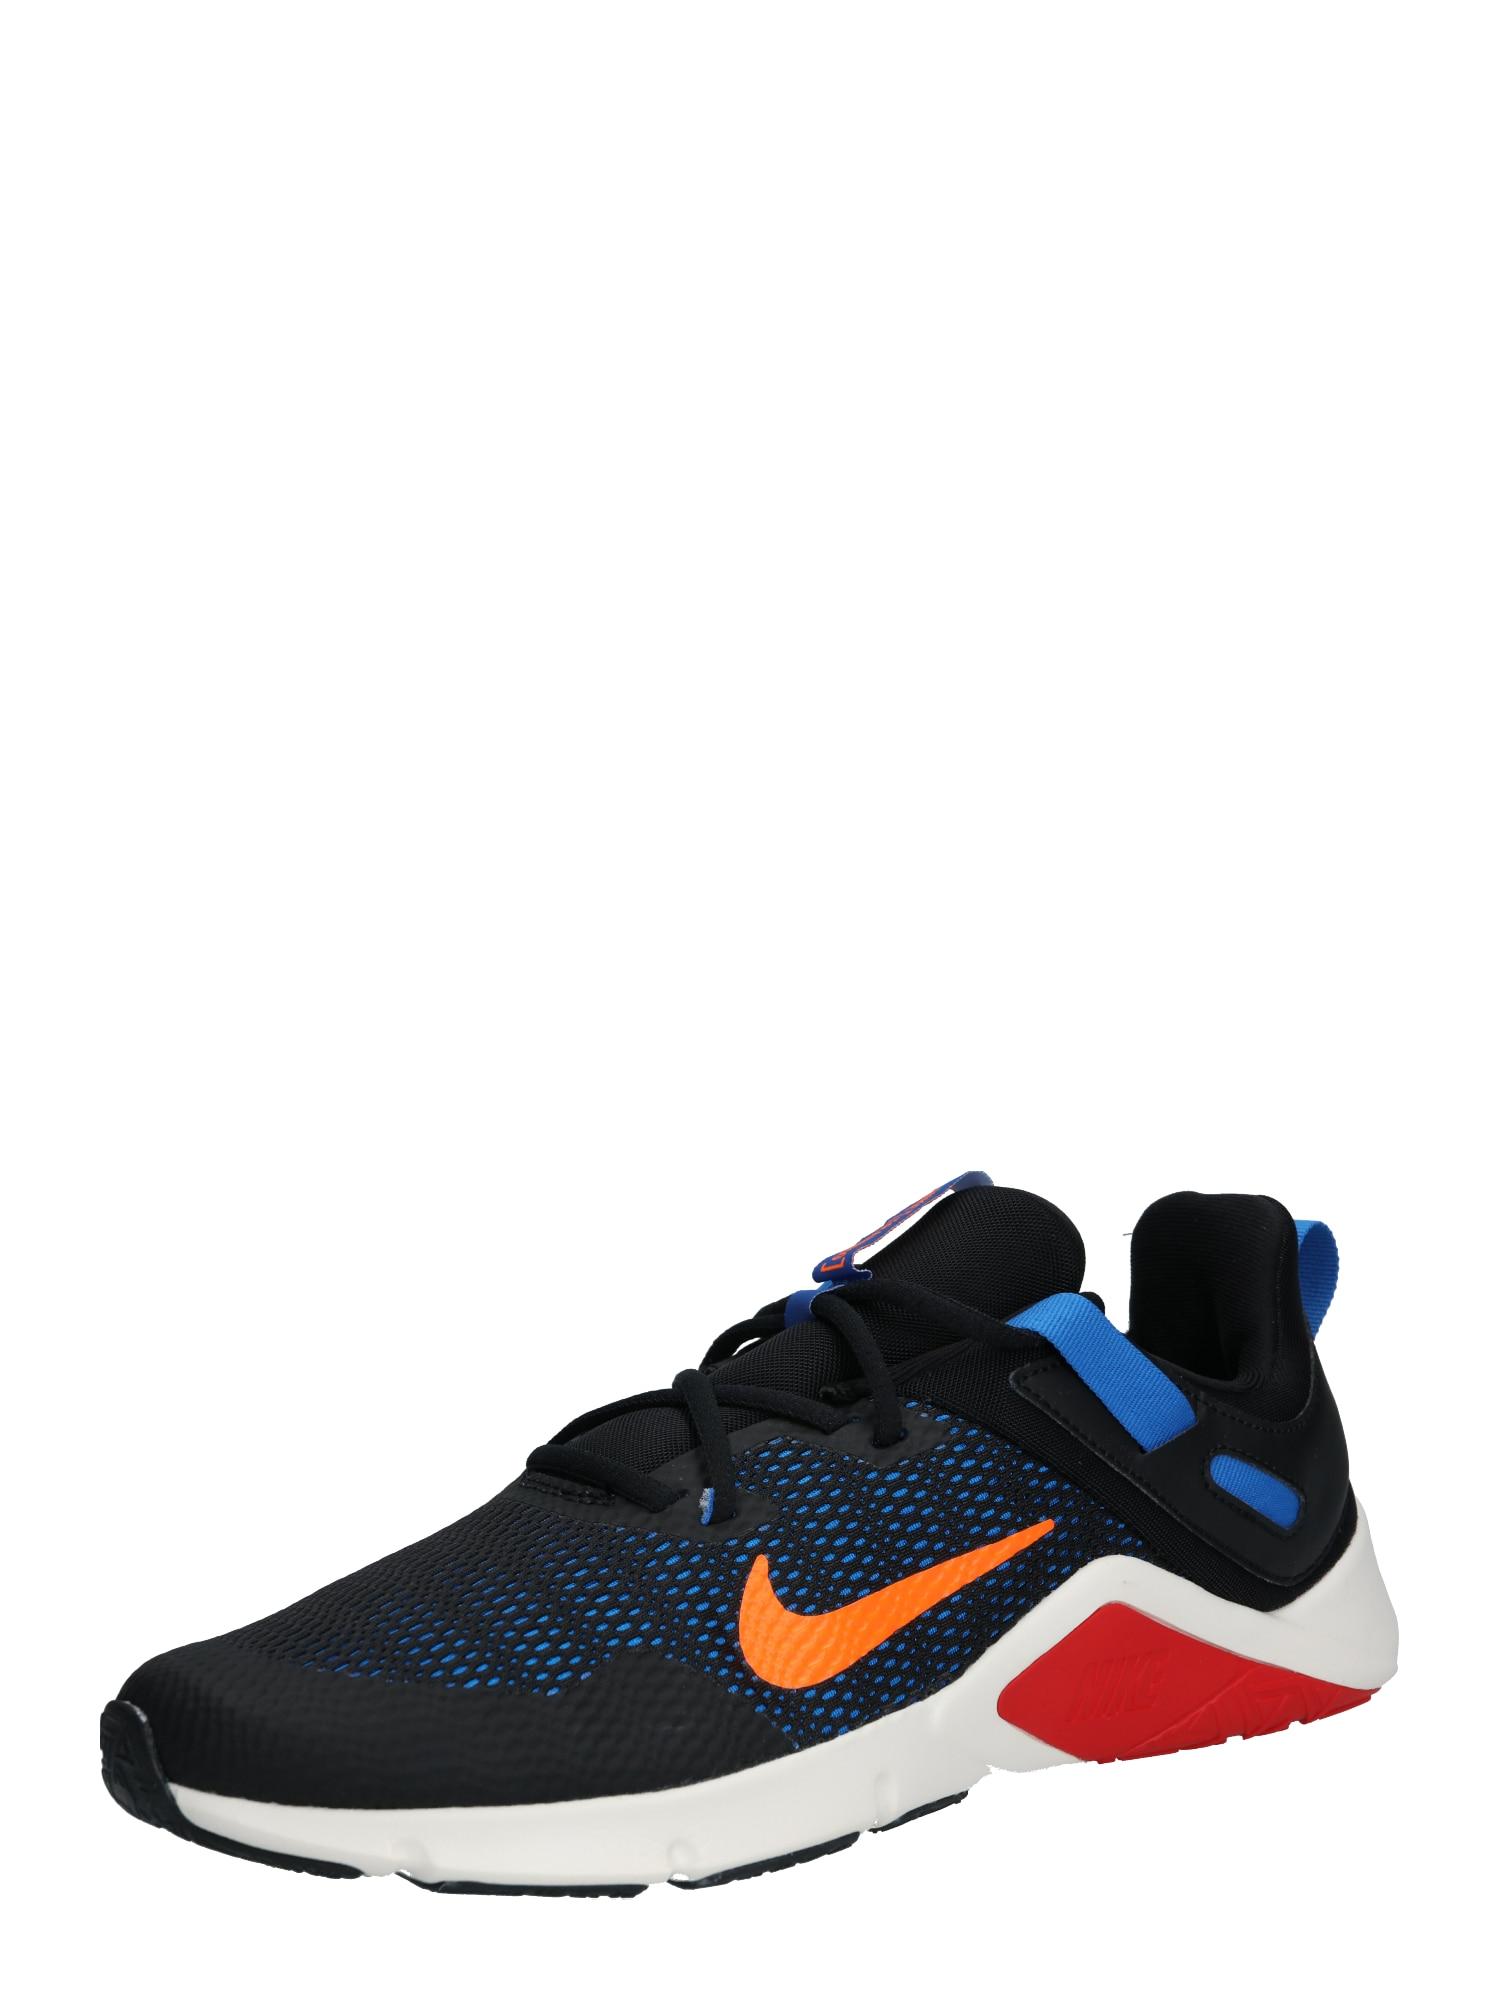 NIKE Sportiniai batai 'Legend' juoda / oranžinė / mėlyna dūmų spalva